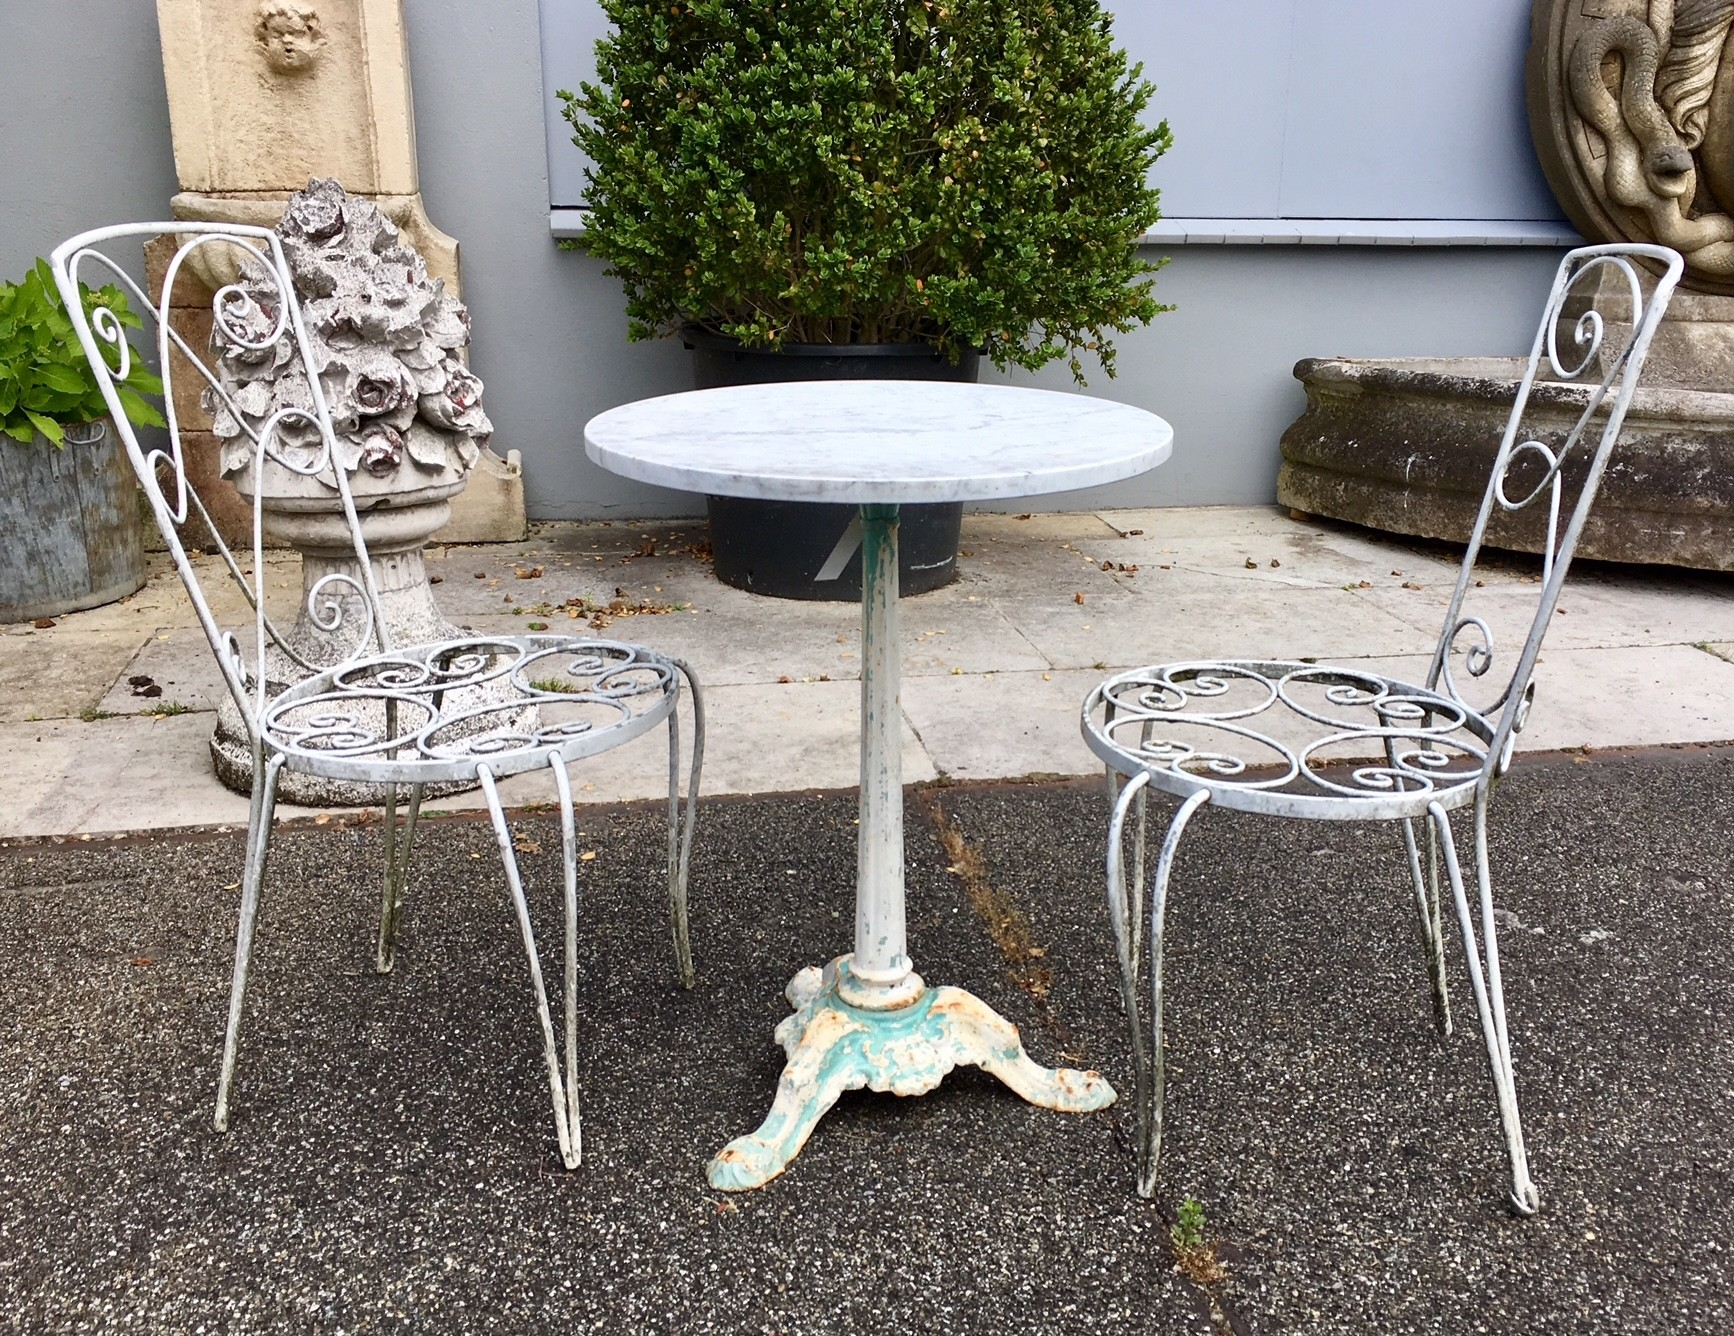 Antiek tuinsetje van tafel met twee stoelen